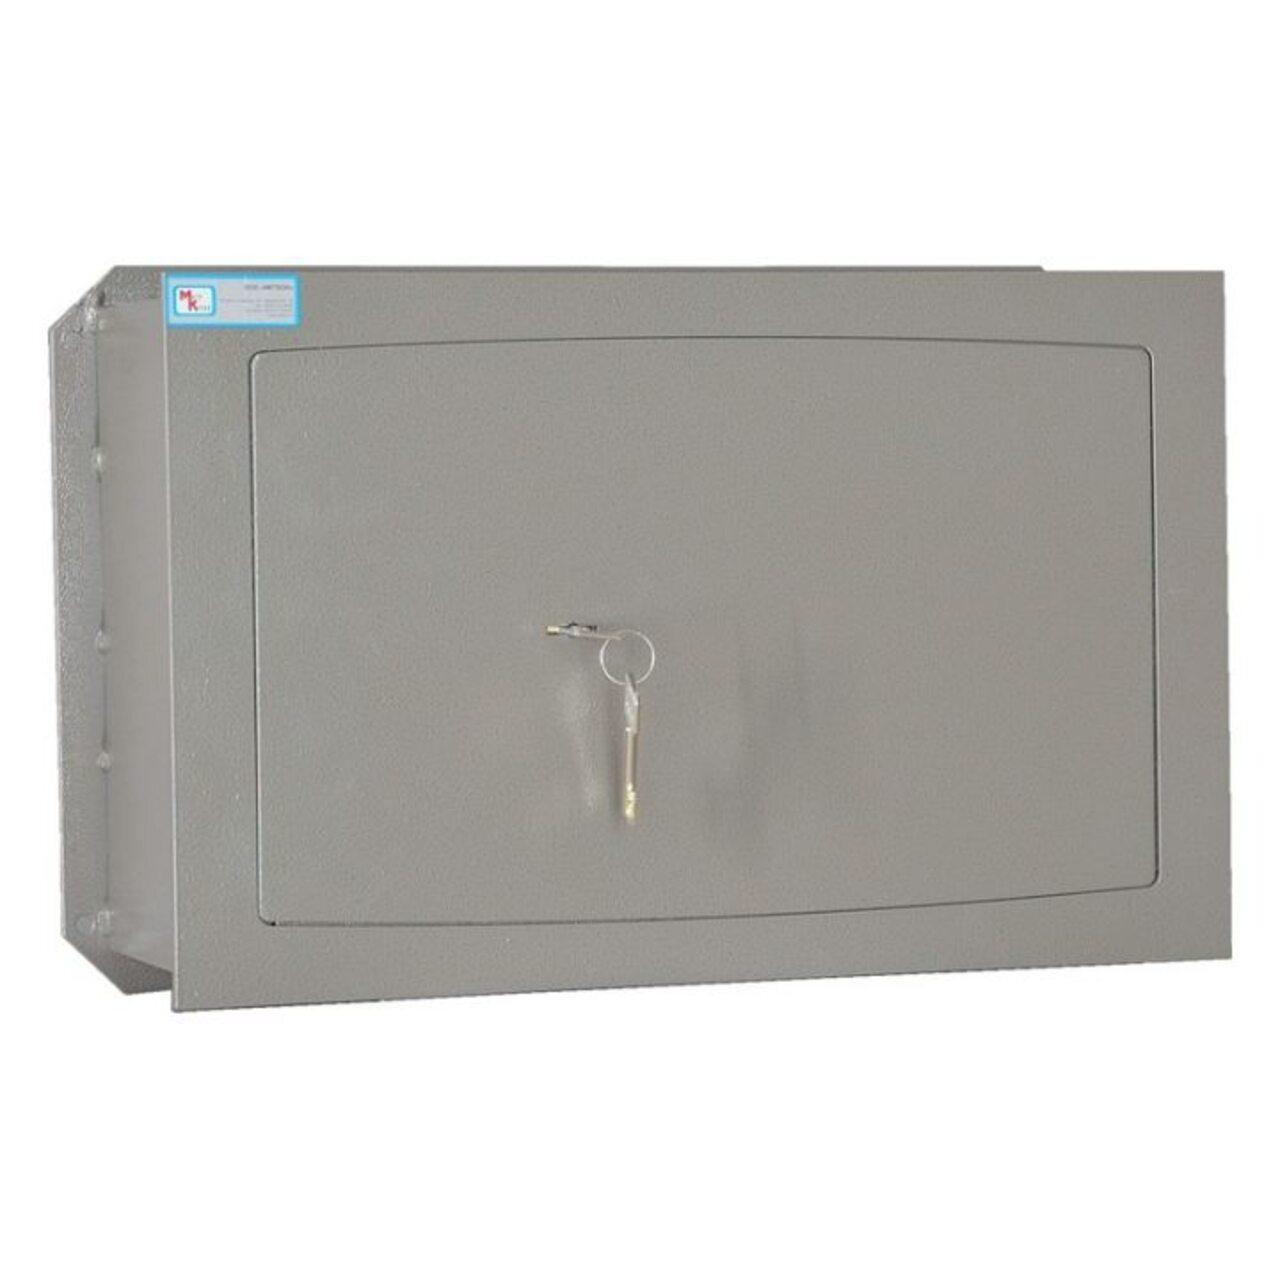 Встраиваемый стеновой шкаф ВШ-11 - фото 1